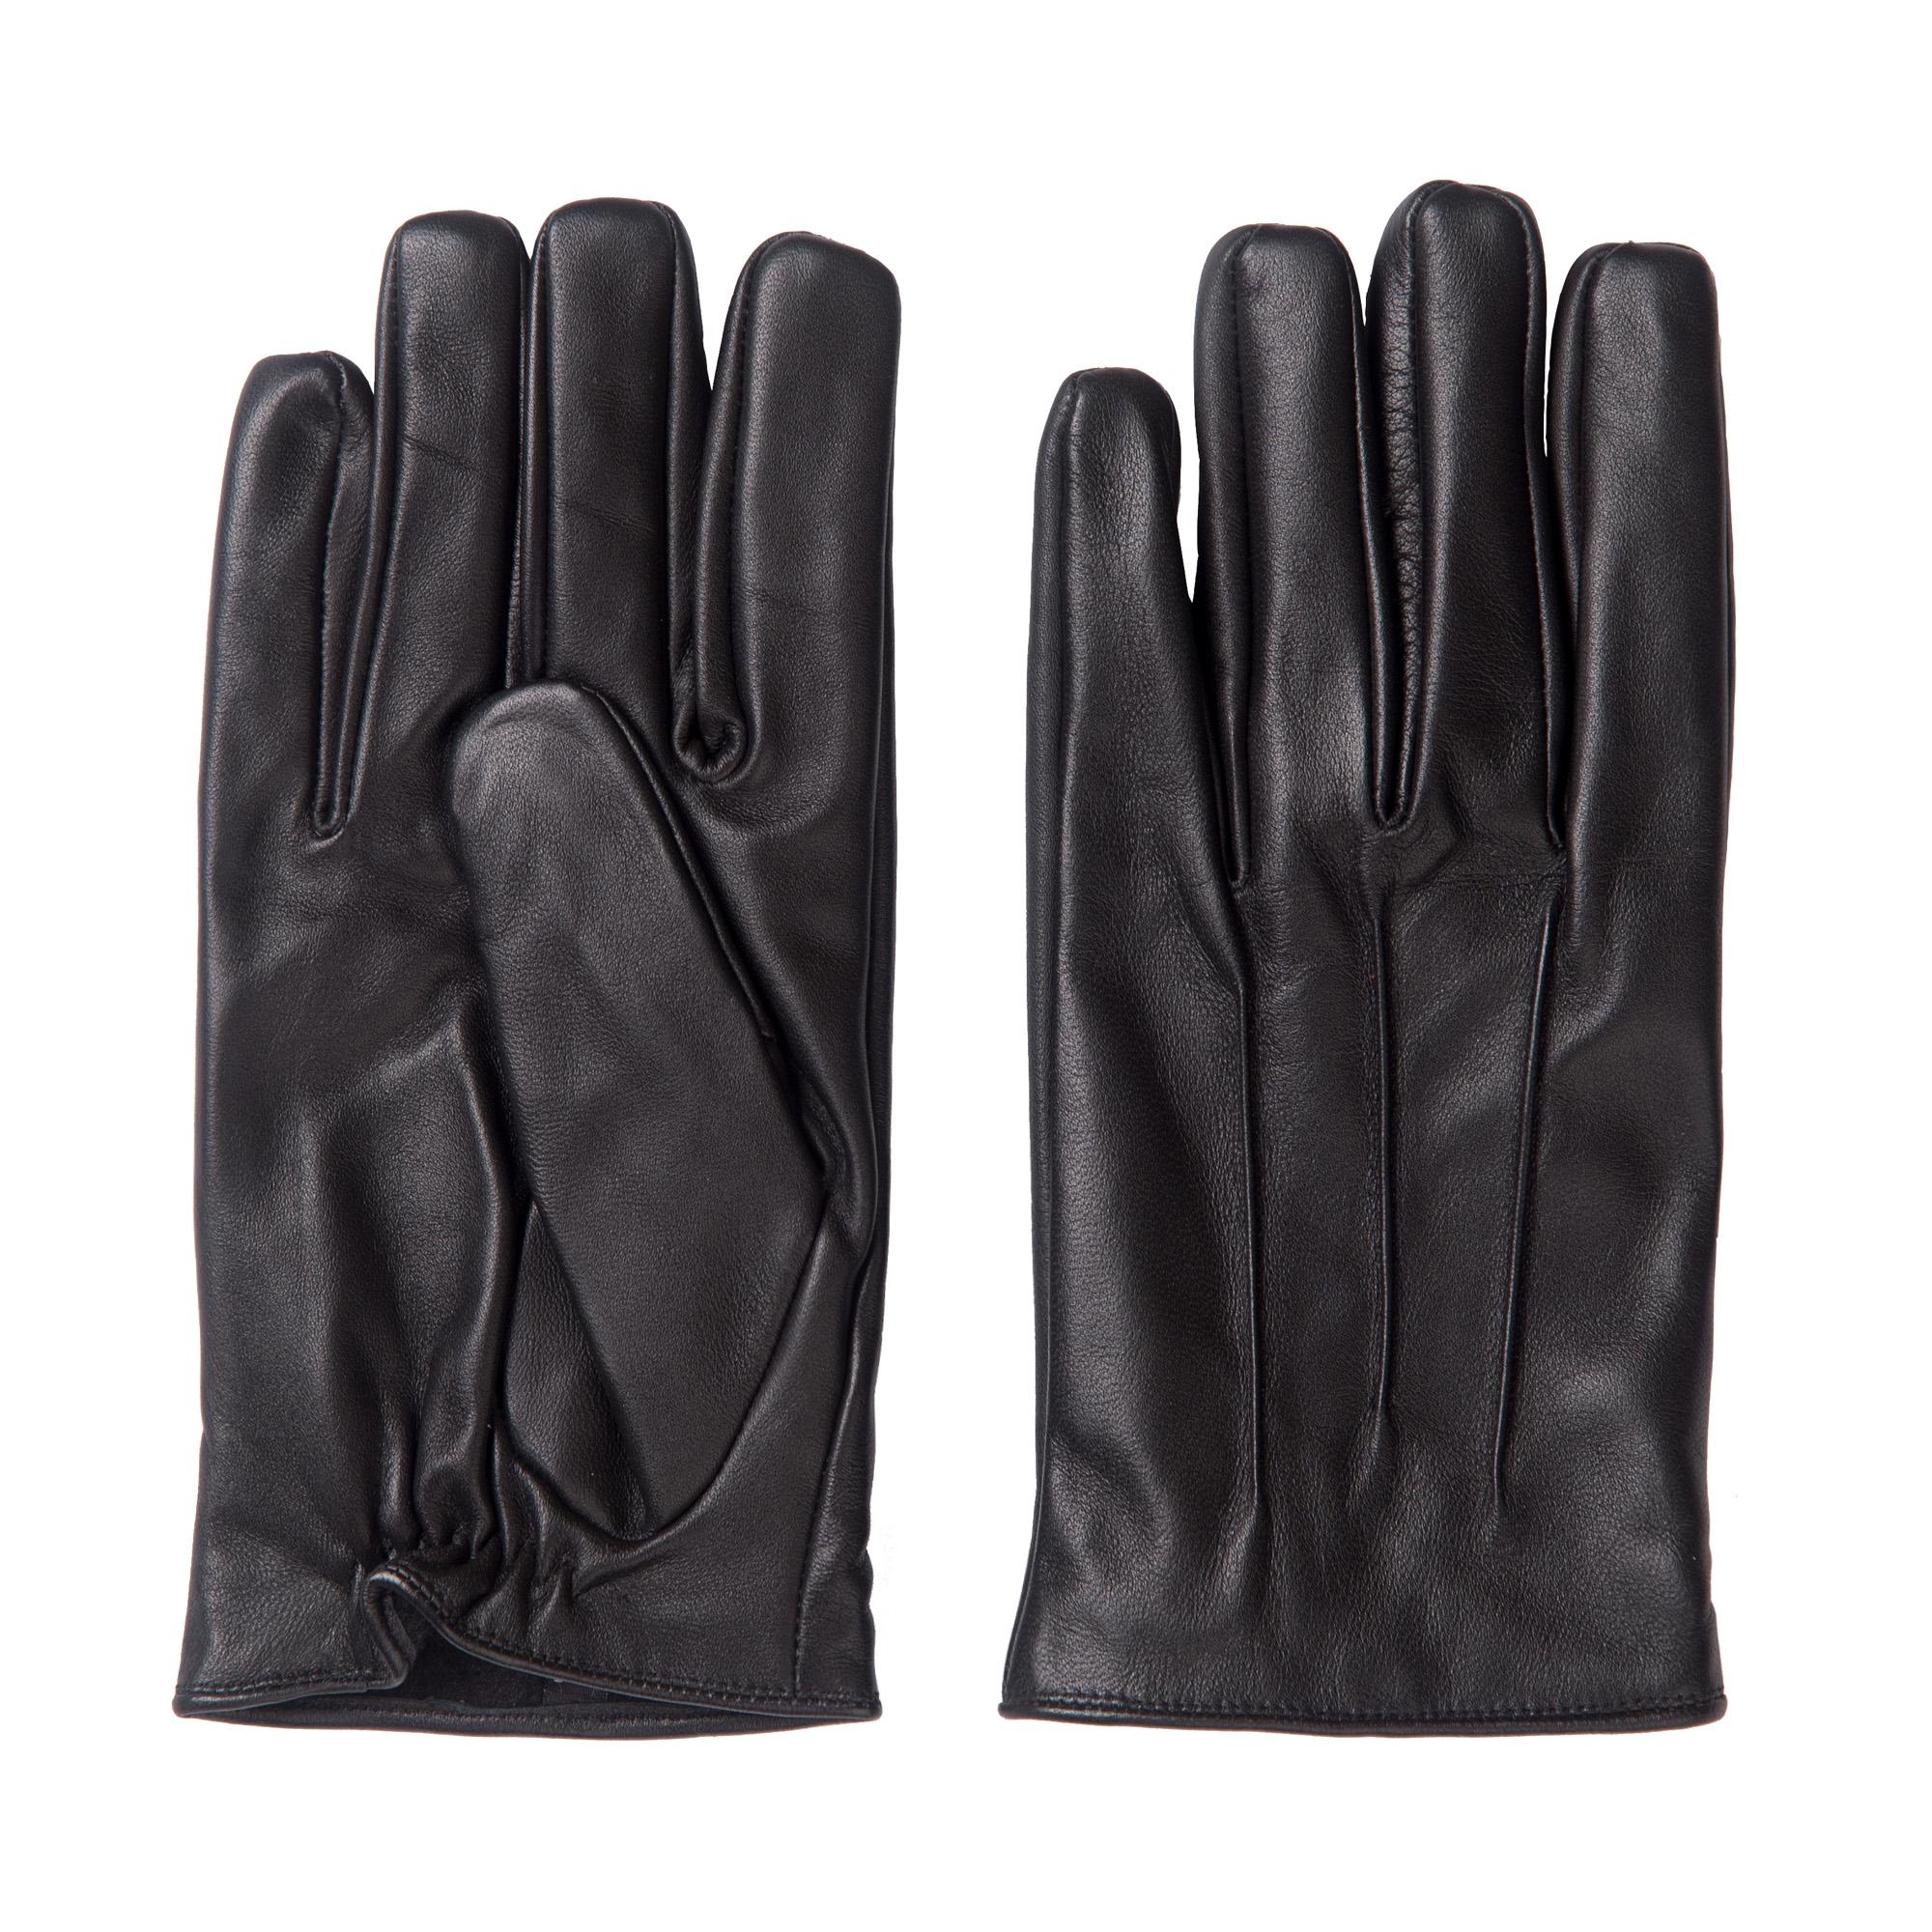 دستکش مردانه مدل jw-3line